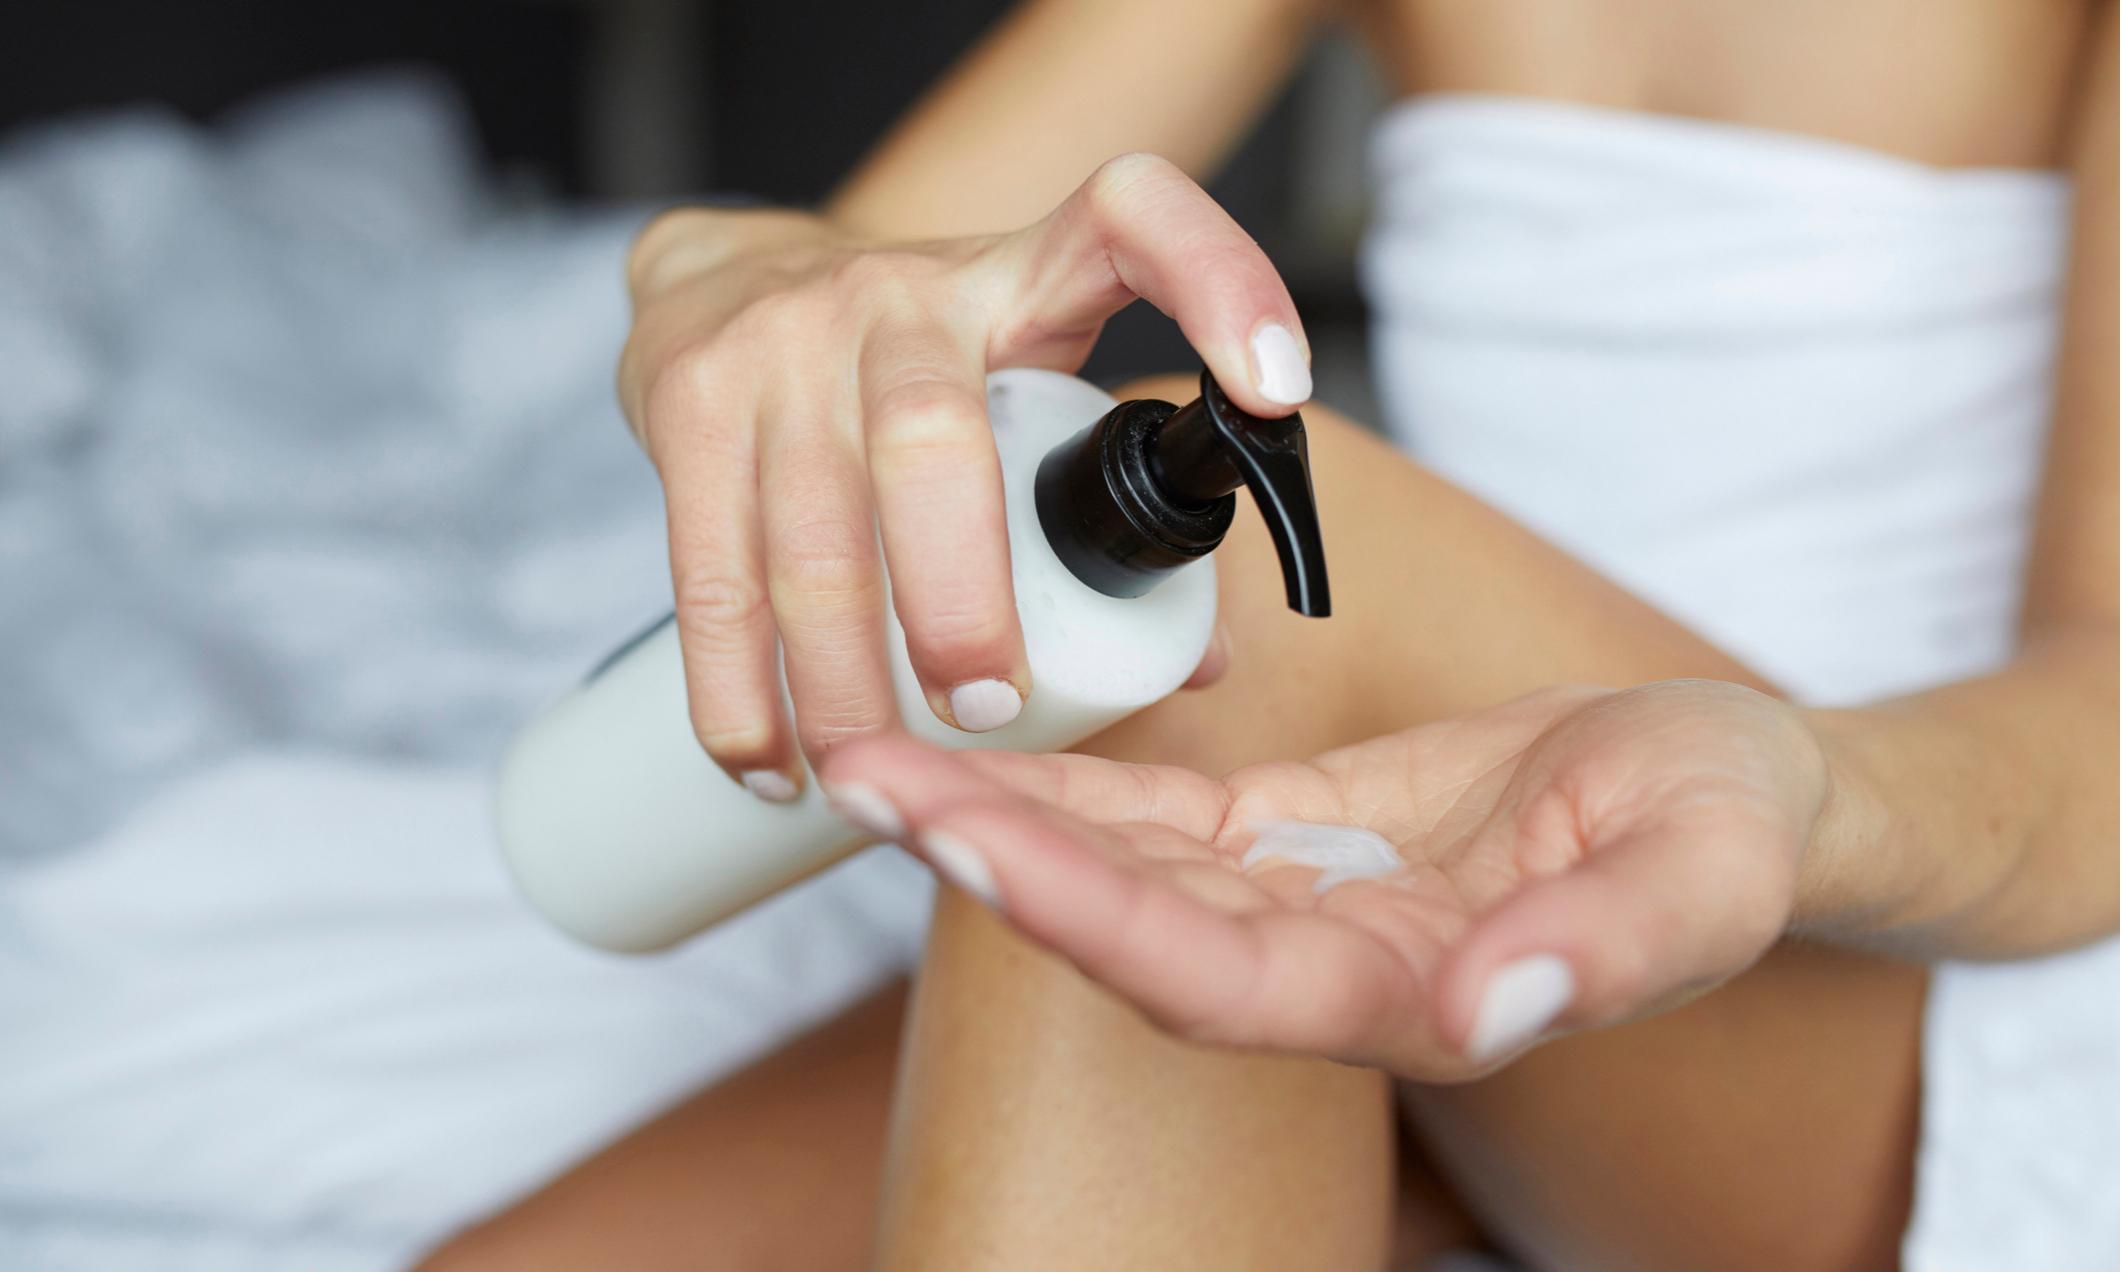 Тренд: что такое безводная косметика и как увлажняет кожу